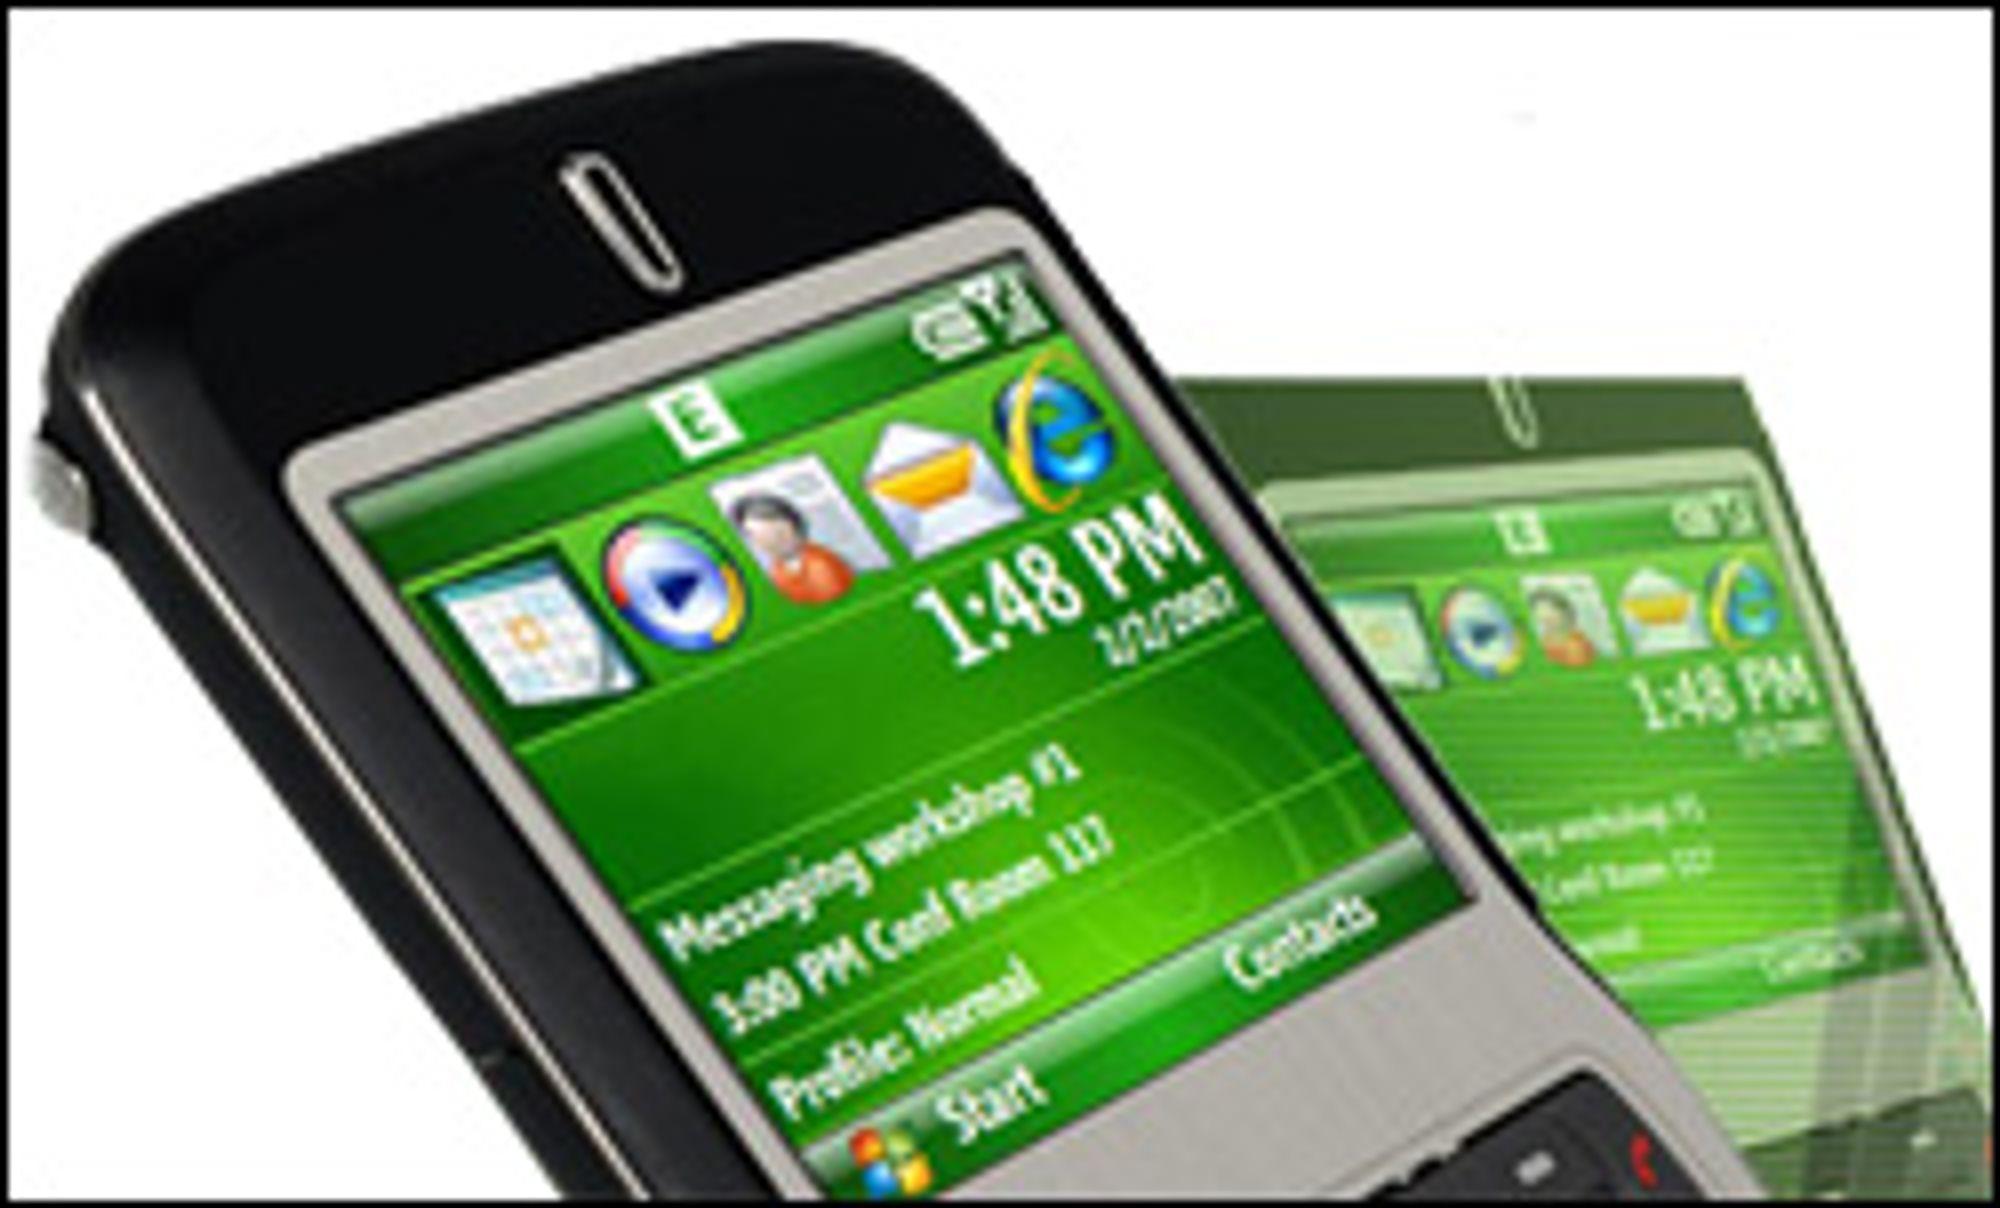 Asus bruker Windows Mobile 6 i telefonene sine.